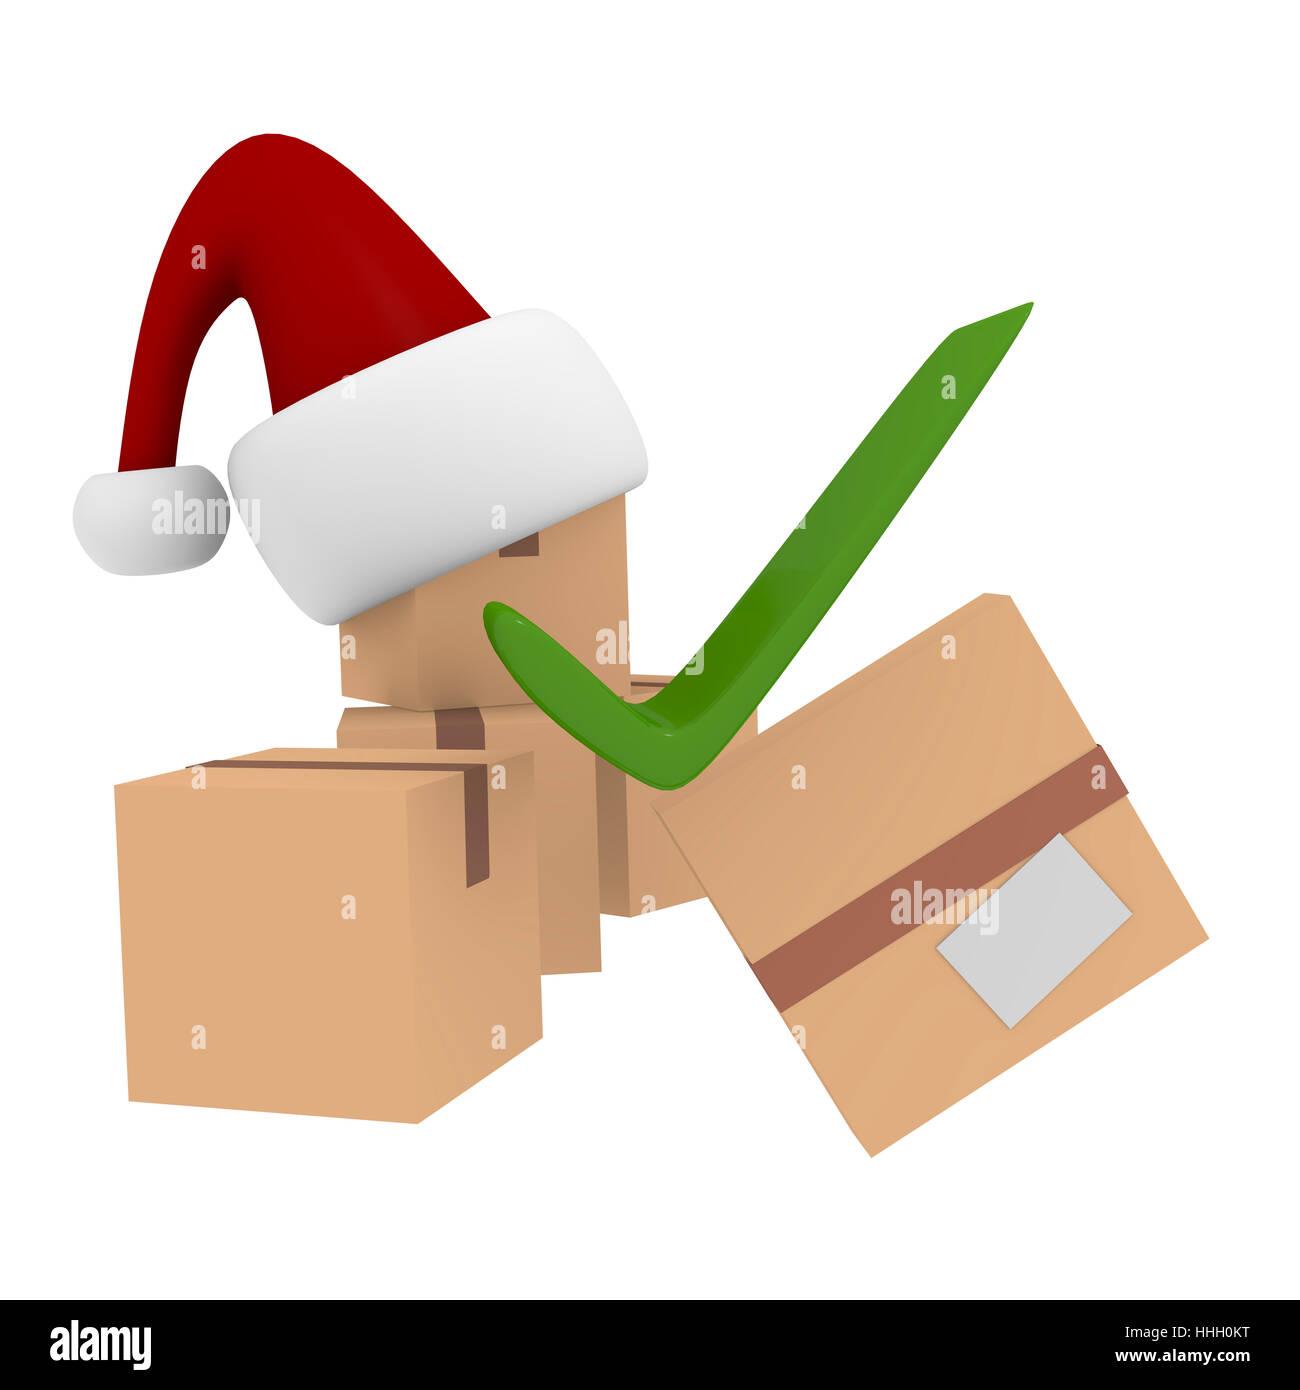 Navidad, servicio de paquetería, cartón, cartón, Paquete, paquete, paquetería, ok Foto de stock